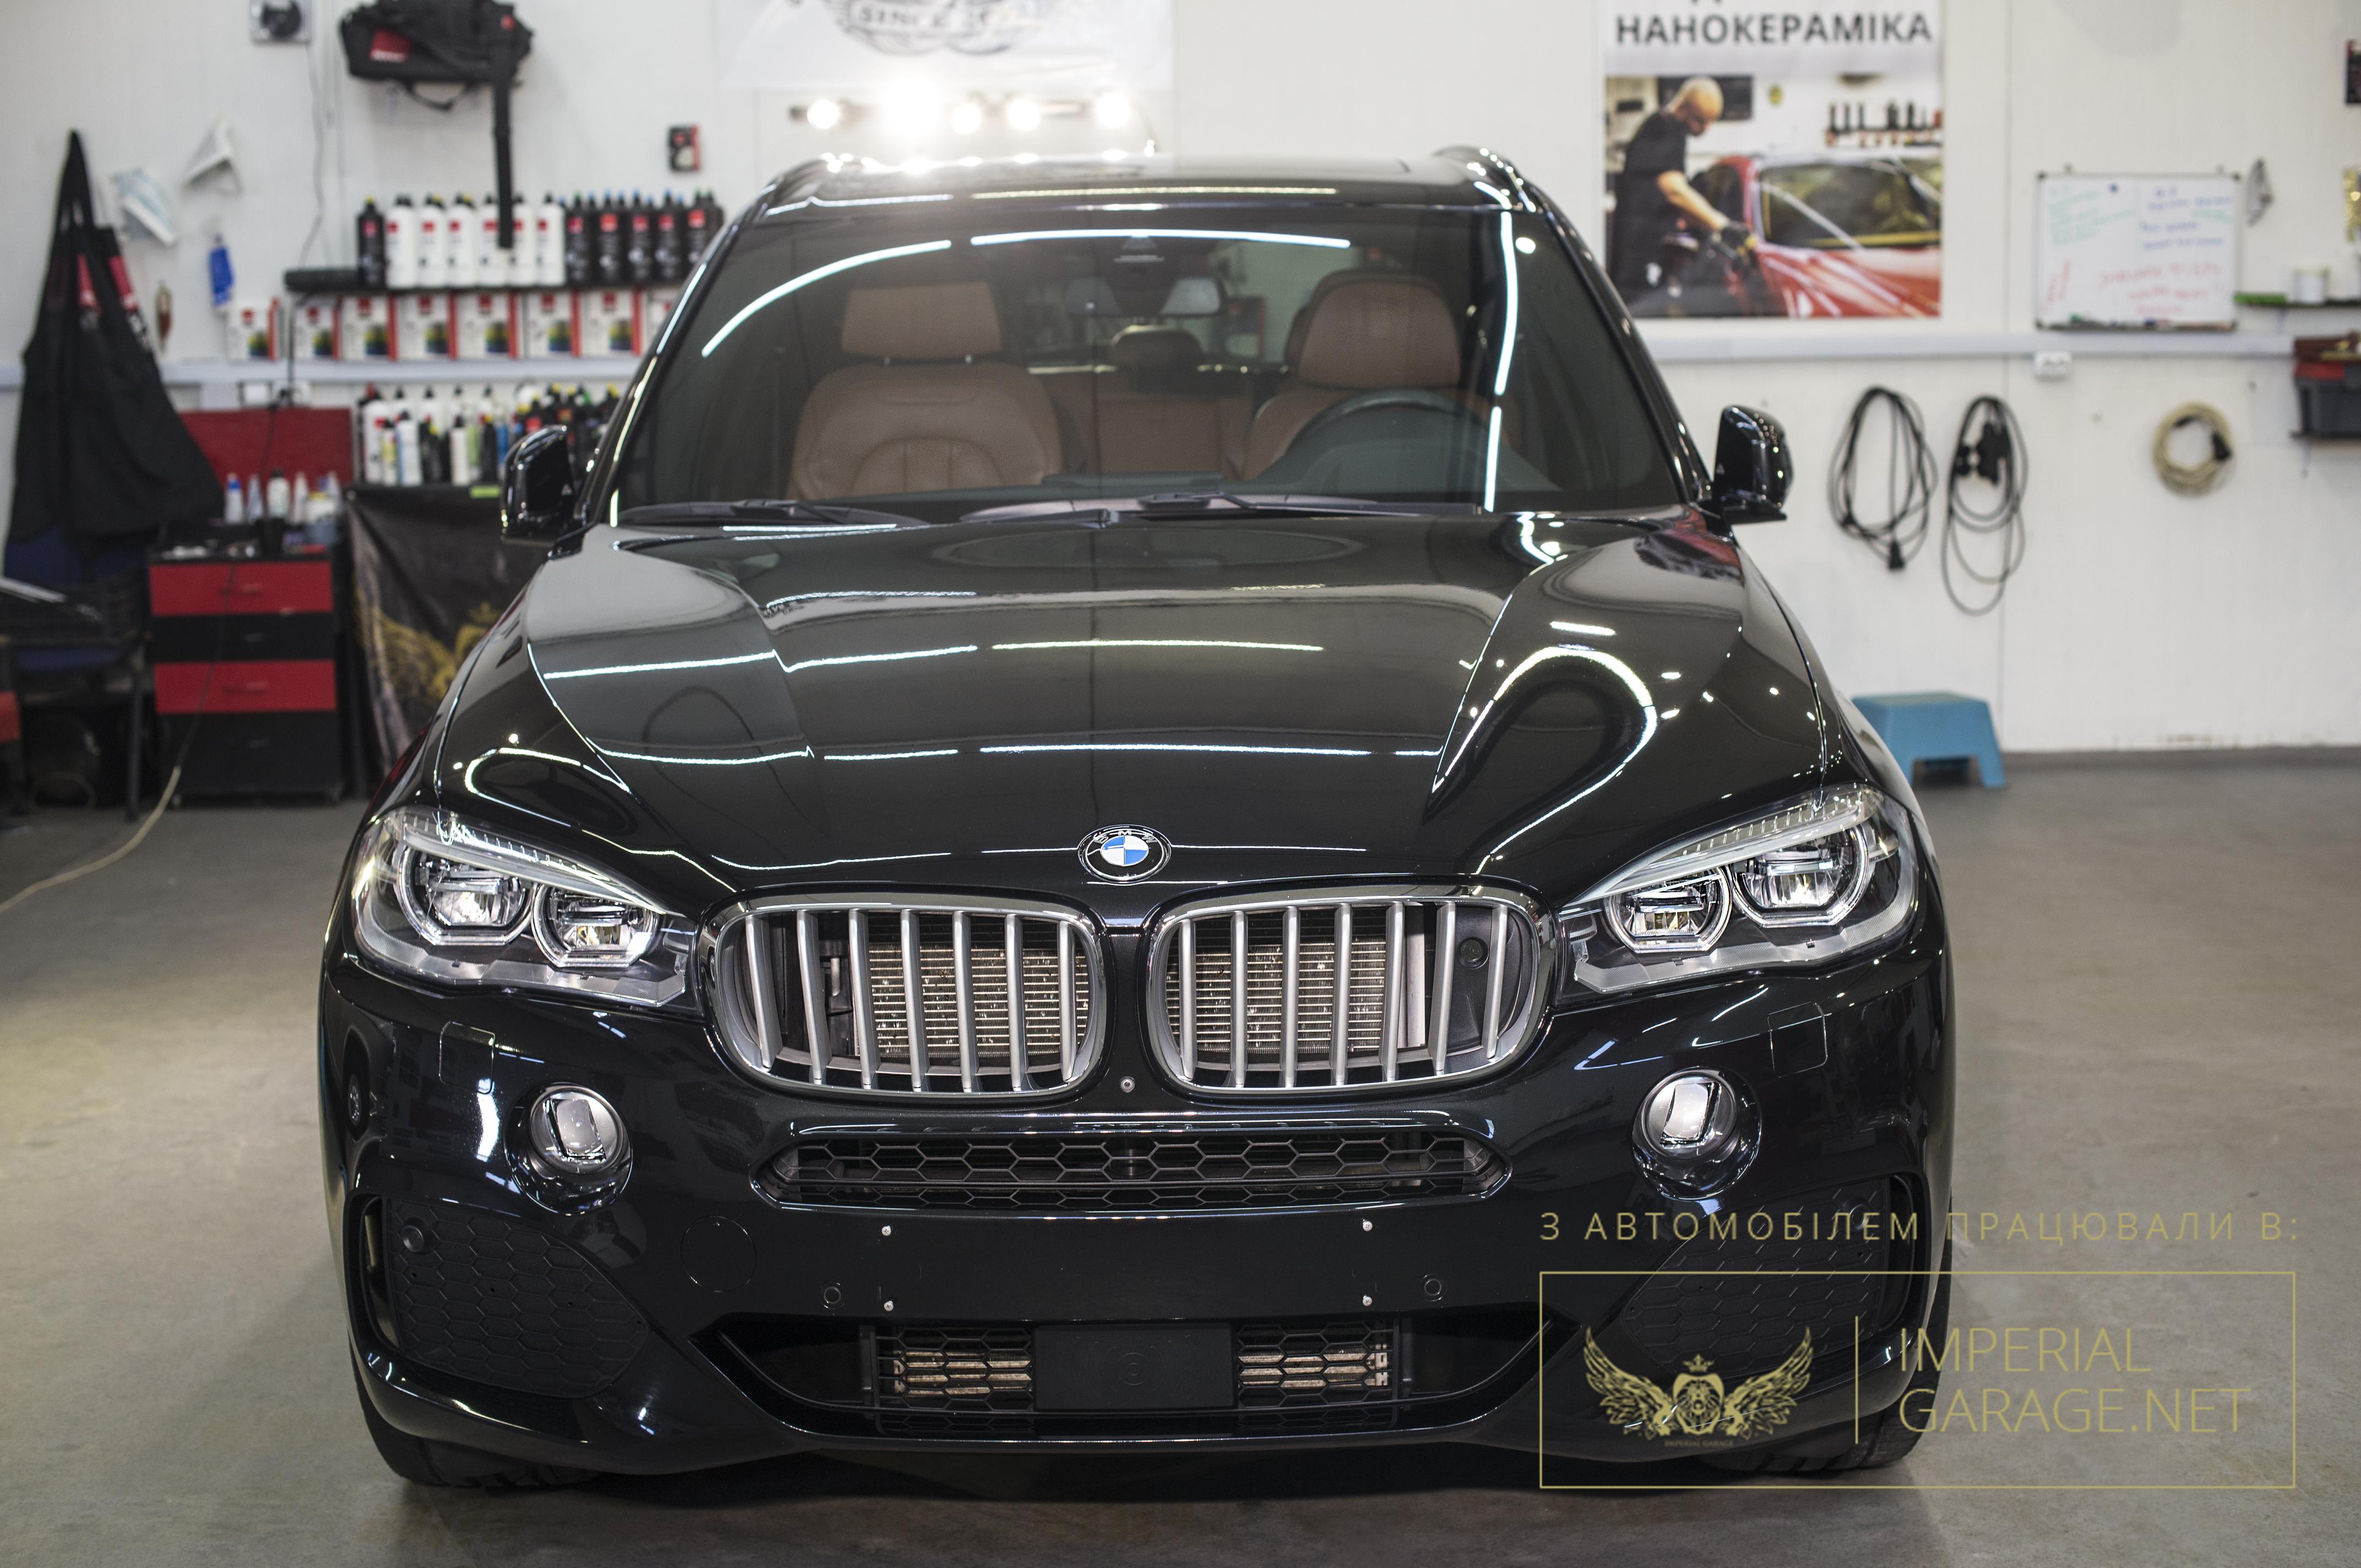 BMW X5 покритий нанокерамікою